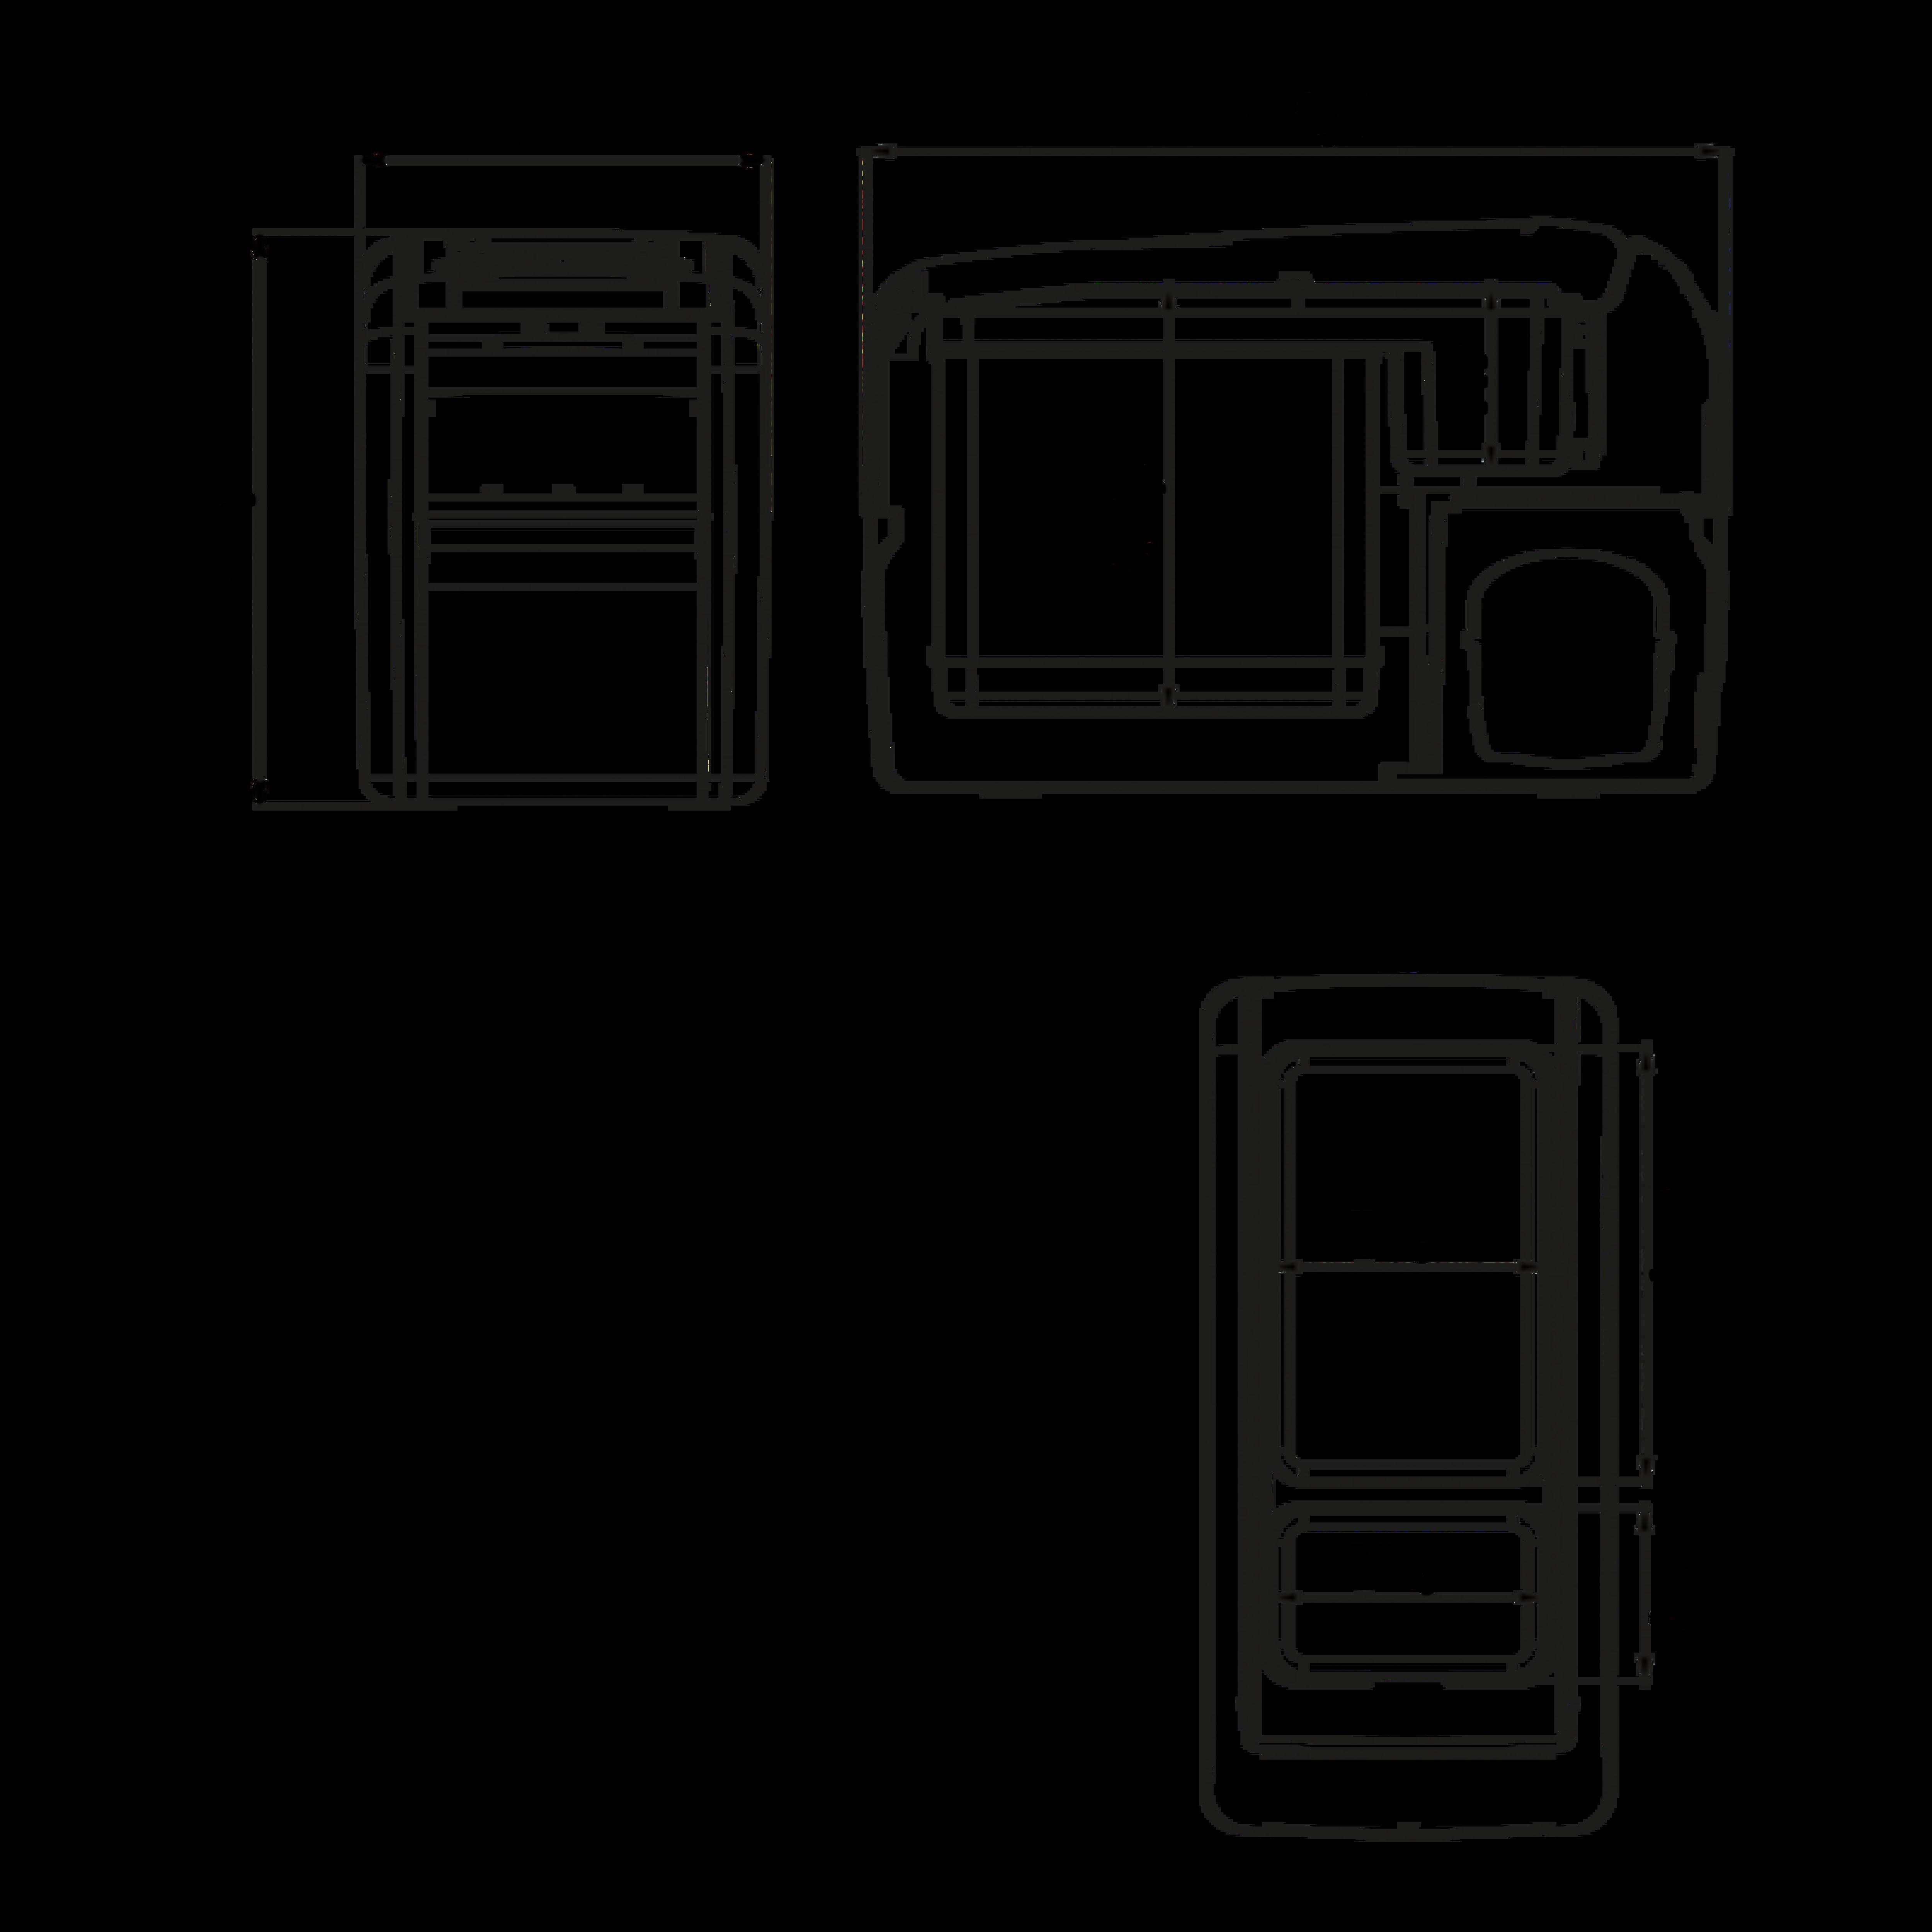 CDF 16 Dimension Drawing